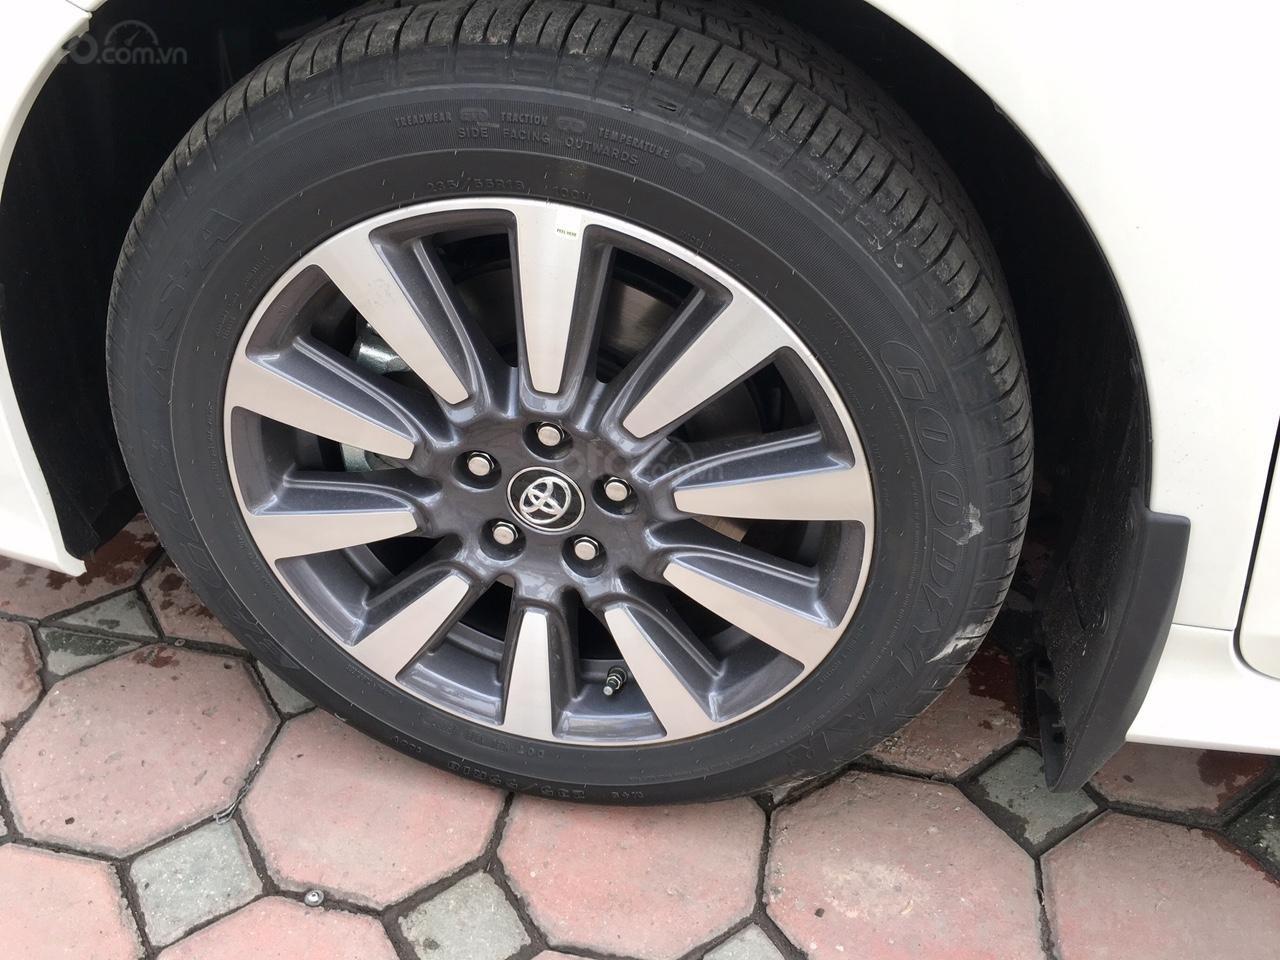 Bán Toyota Sienna Limited 2020 bản 1 cầu, giá tốt, nhập Mỹ giao ngay toàn quốc- LH 0945.39.2468 Ms Hương (5)